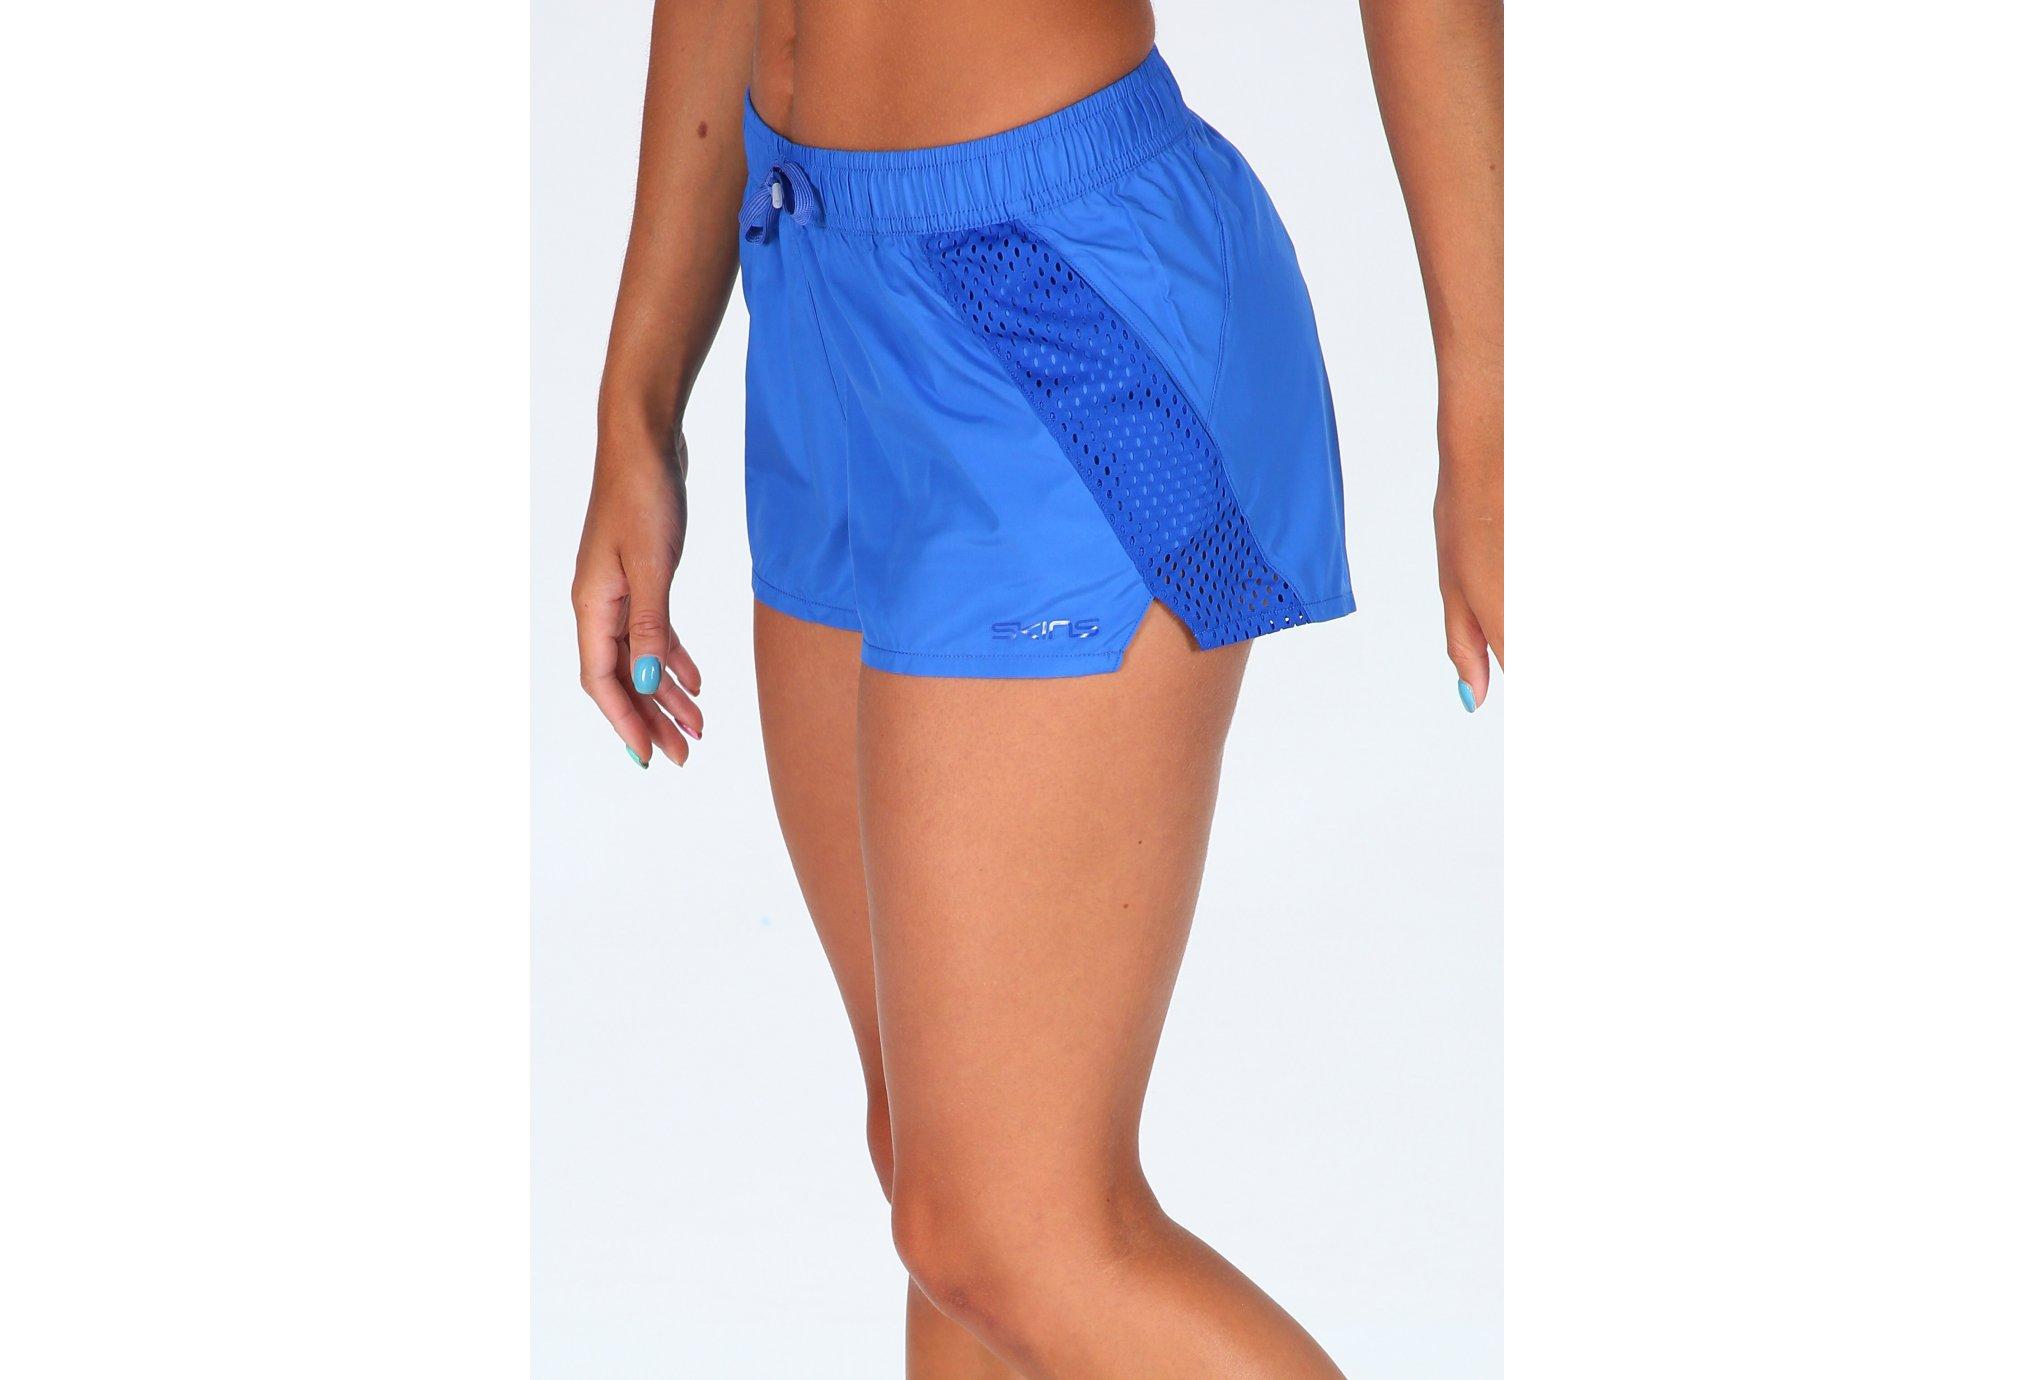 Skins Activewear Cone W Diététique Vêtements femme